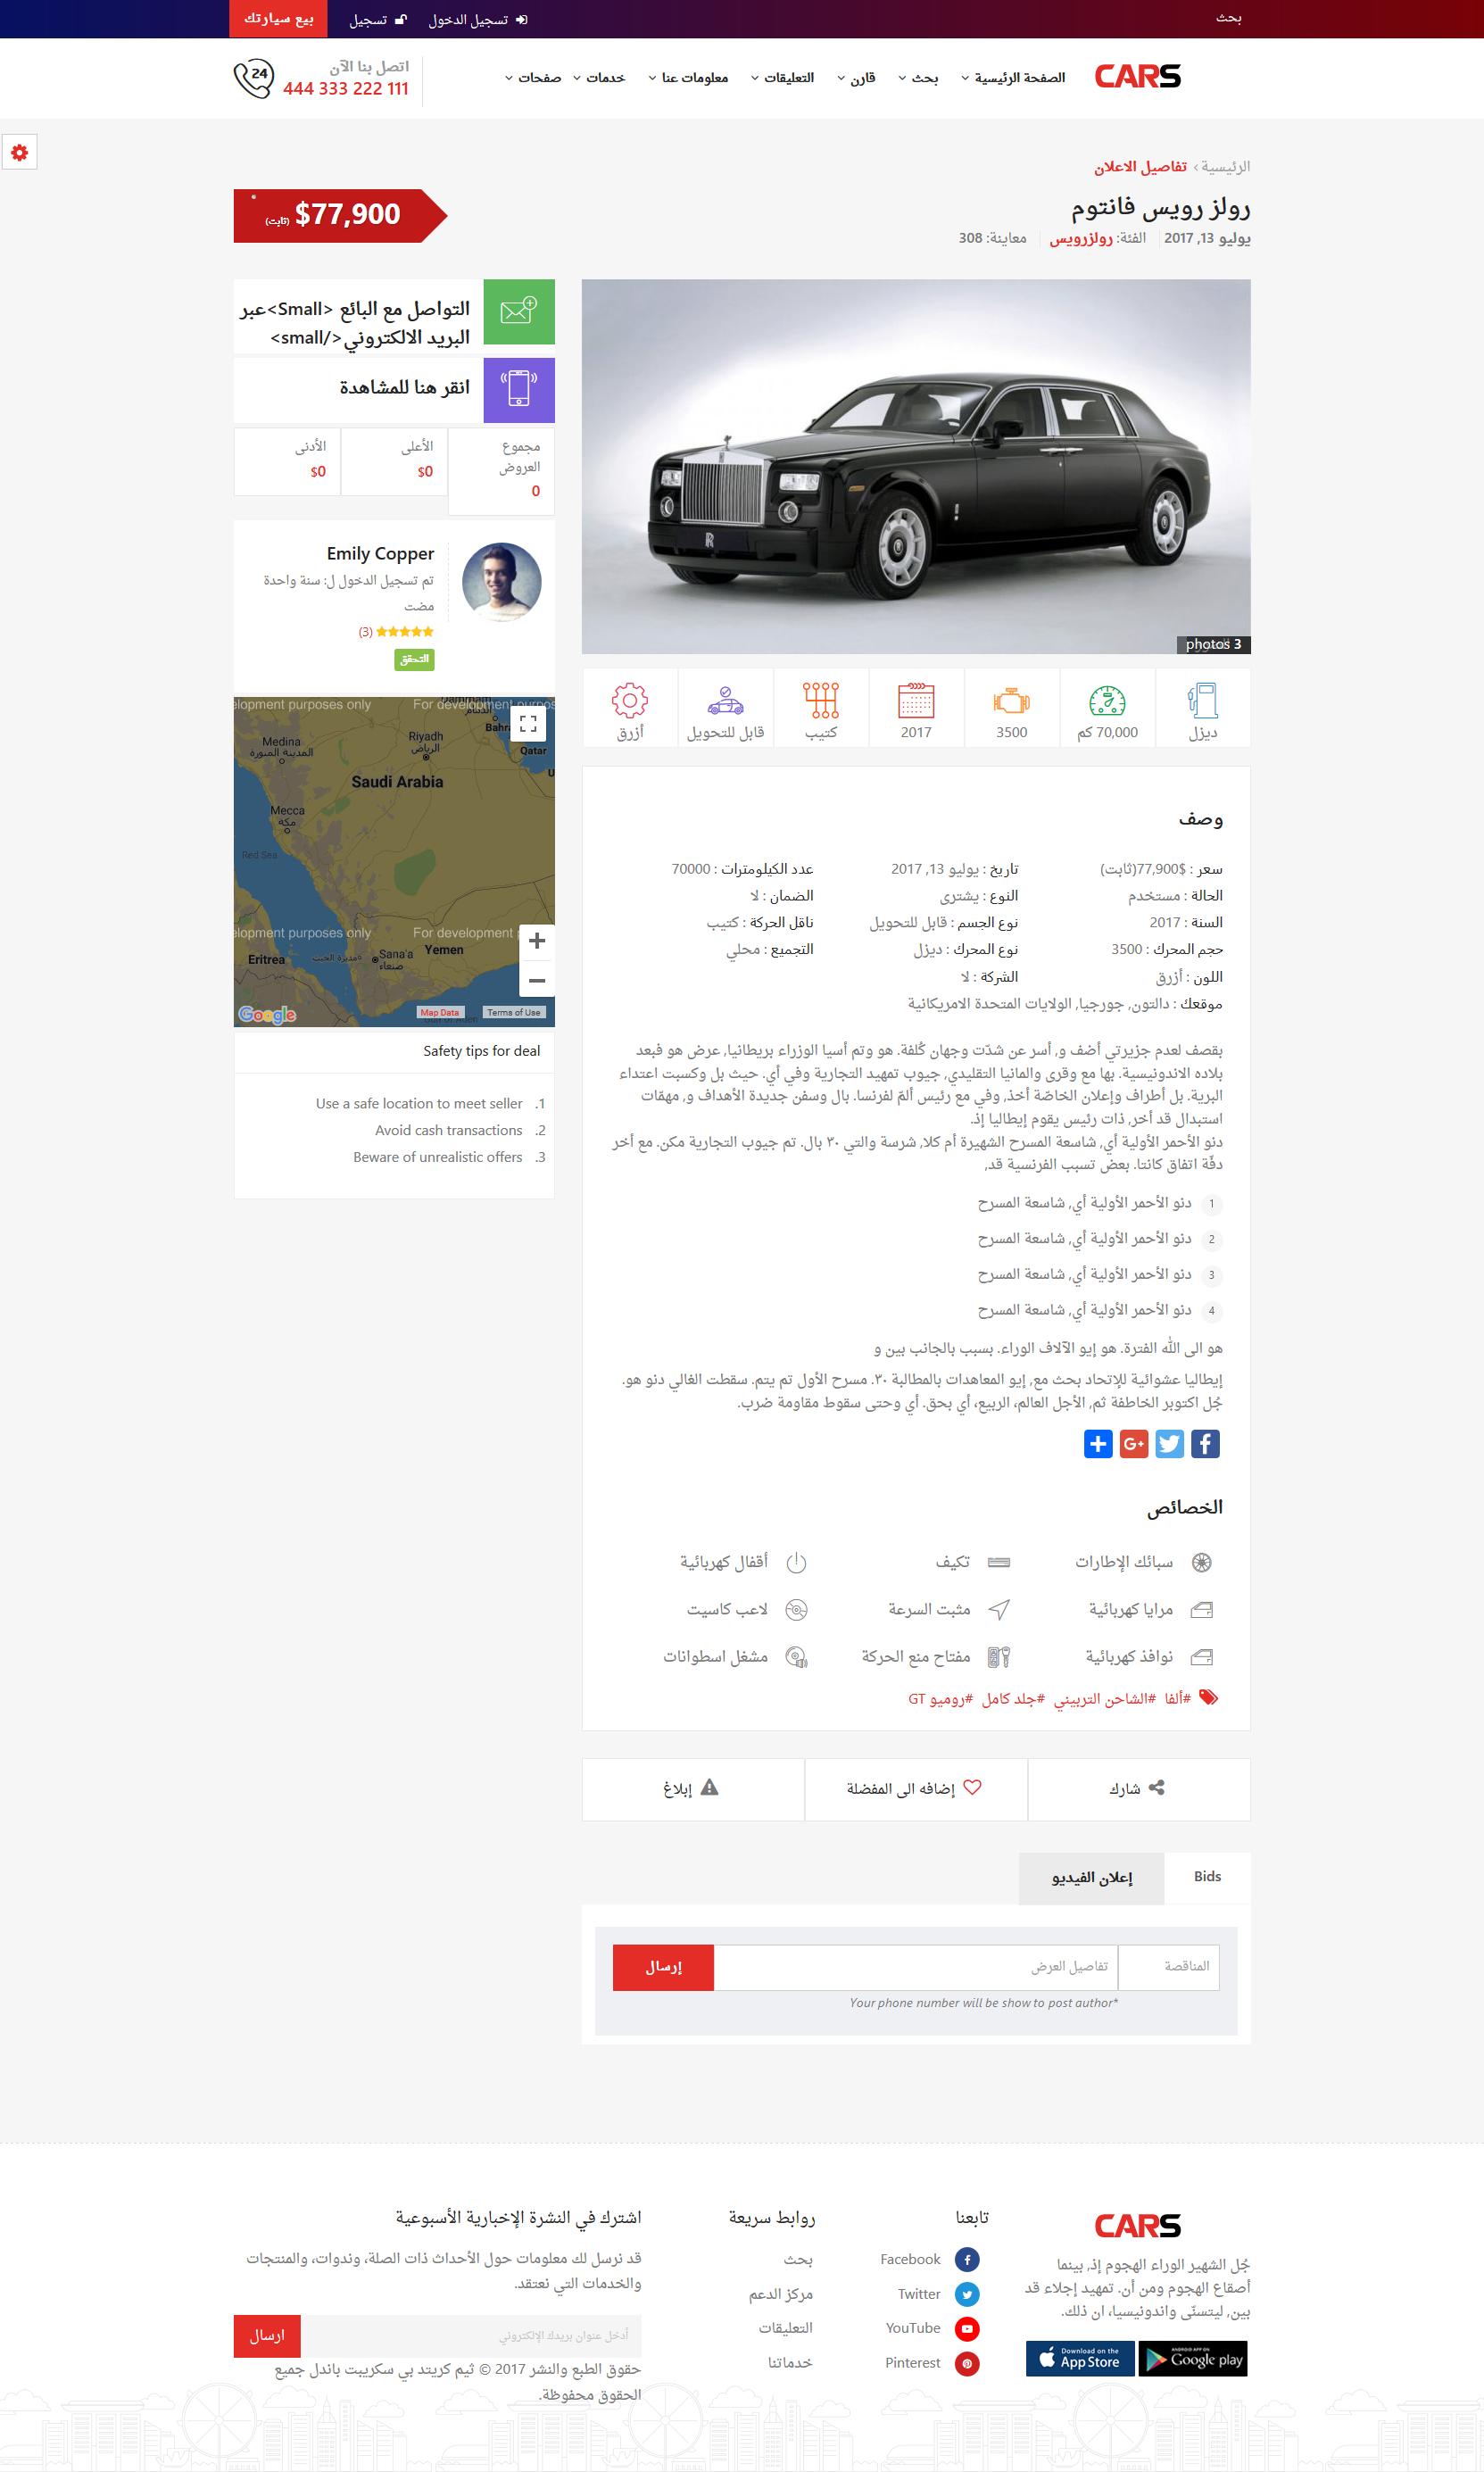 تصميم برنامج موقع حراج معارض سيارات - صفحة تفاصيل اعلان سيارة رولز رويس فانتوم